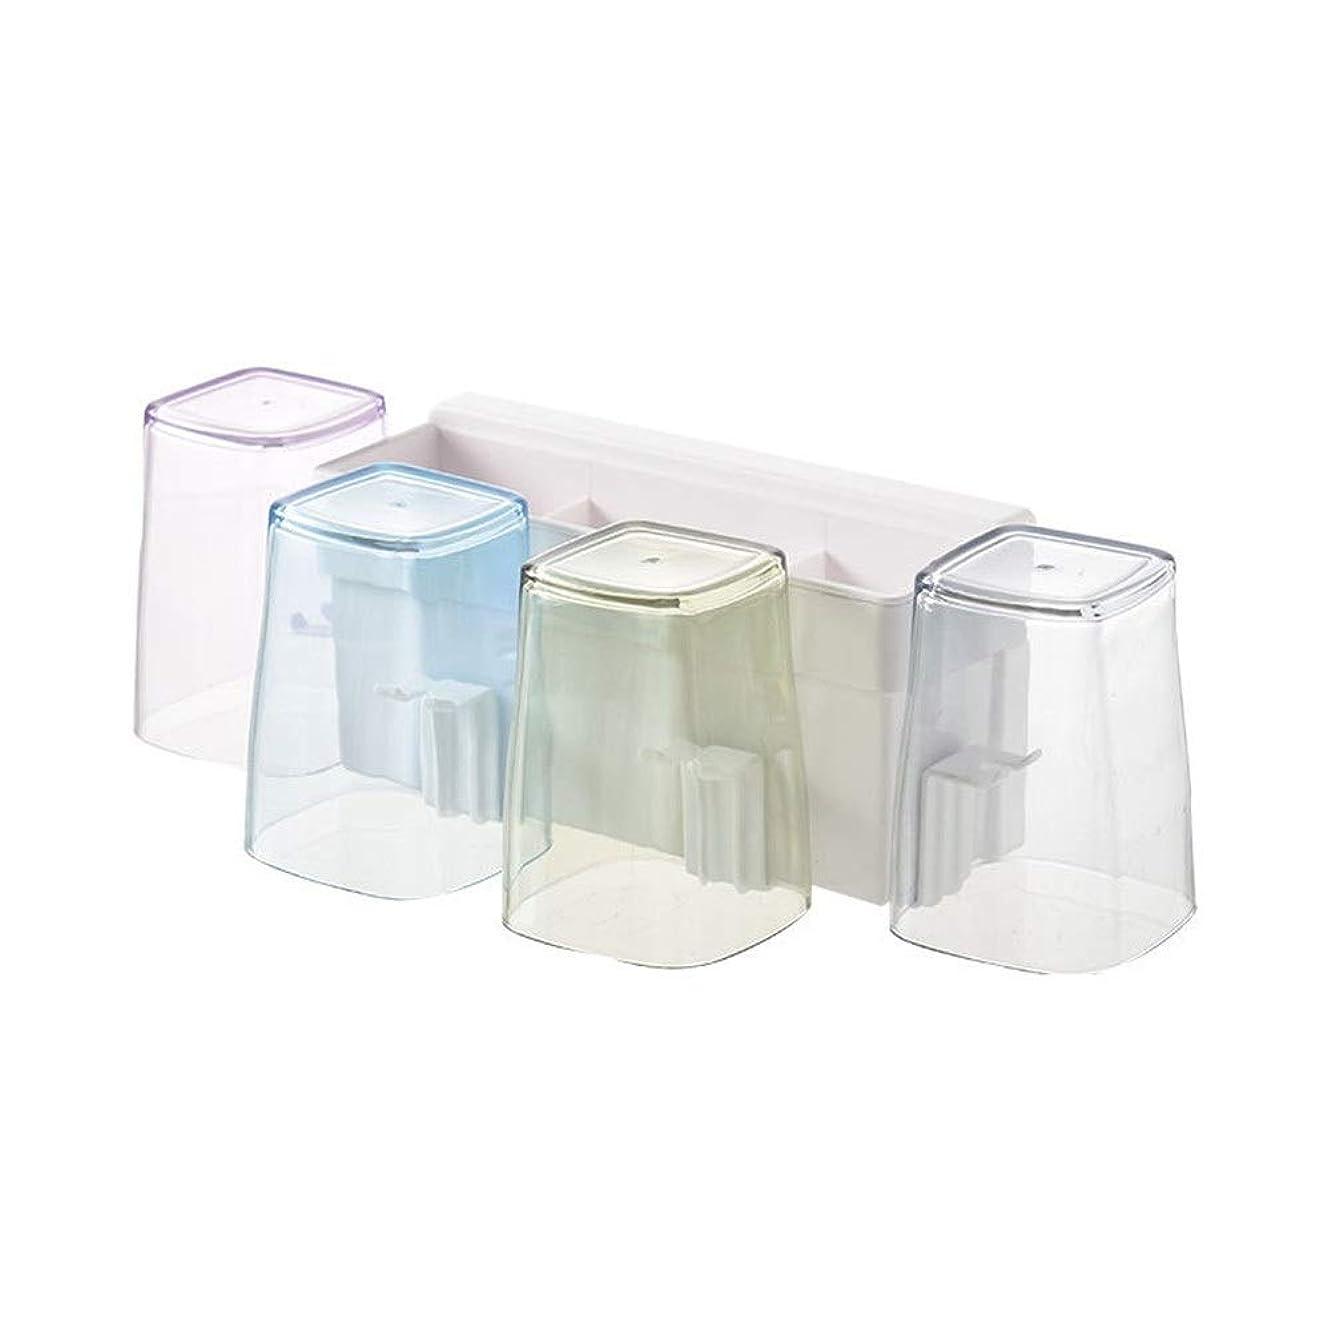 阻害する超えるロマンス超音波キャビテーションEMSボディスリミング減量アンチセルライト脂肪バーナーガルバニック赤外線超音波ウェーブセラピーマッサージ (Color : US with box)